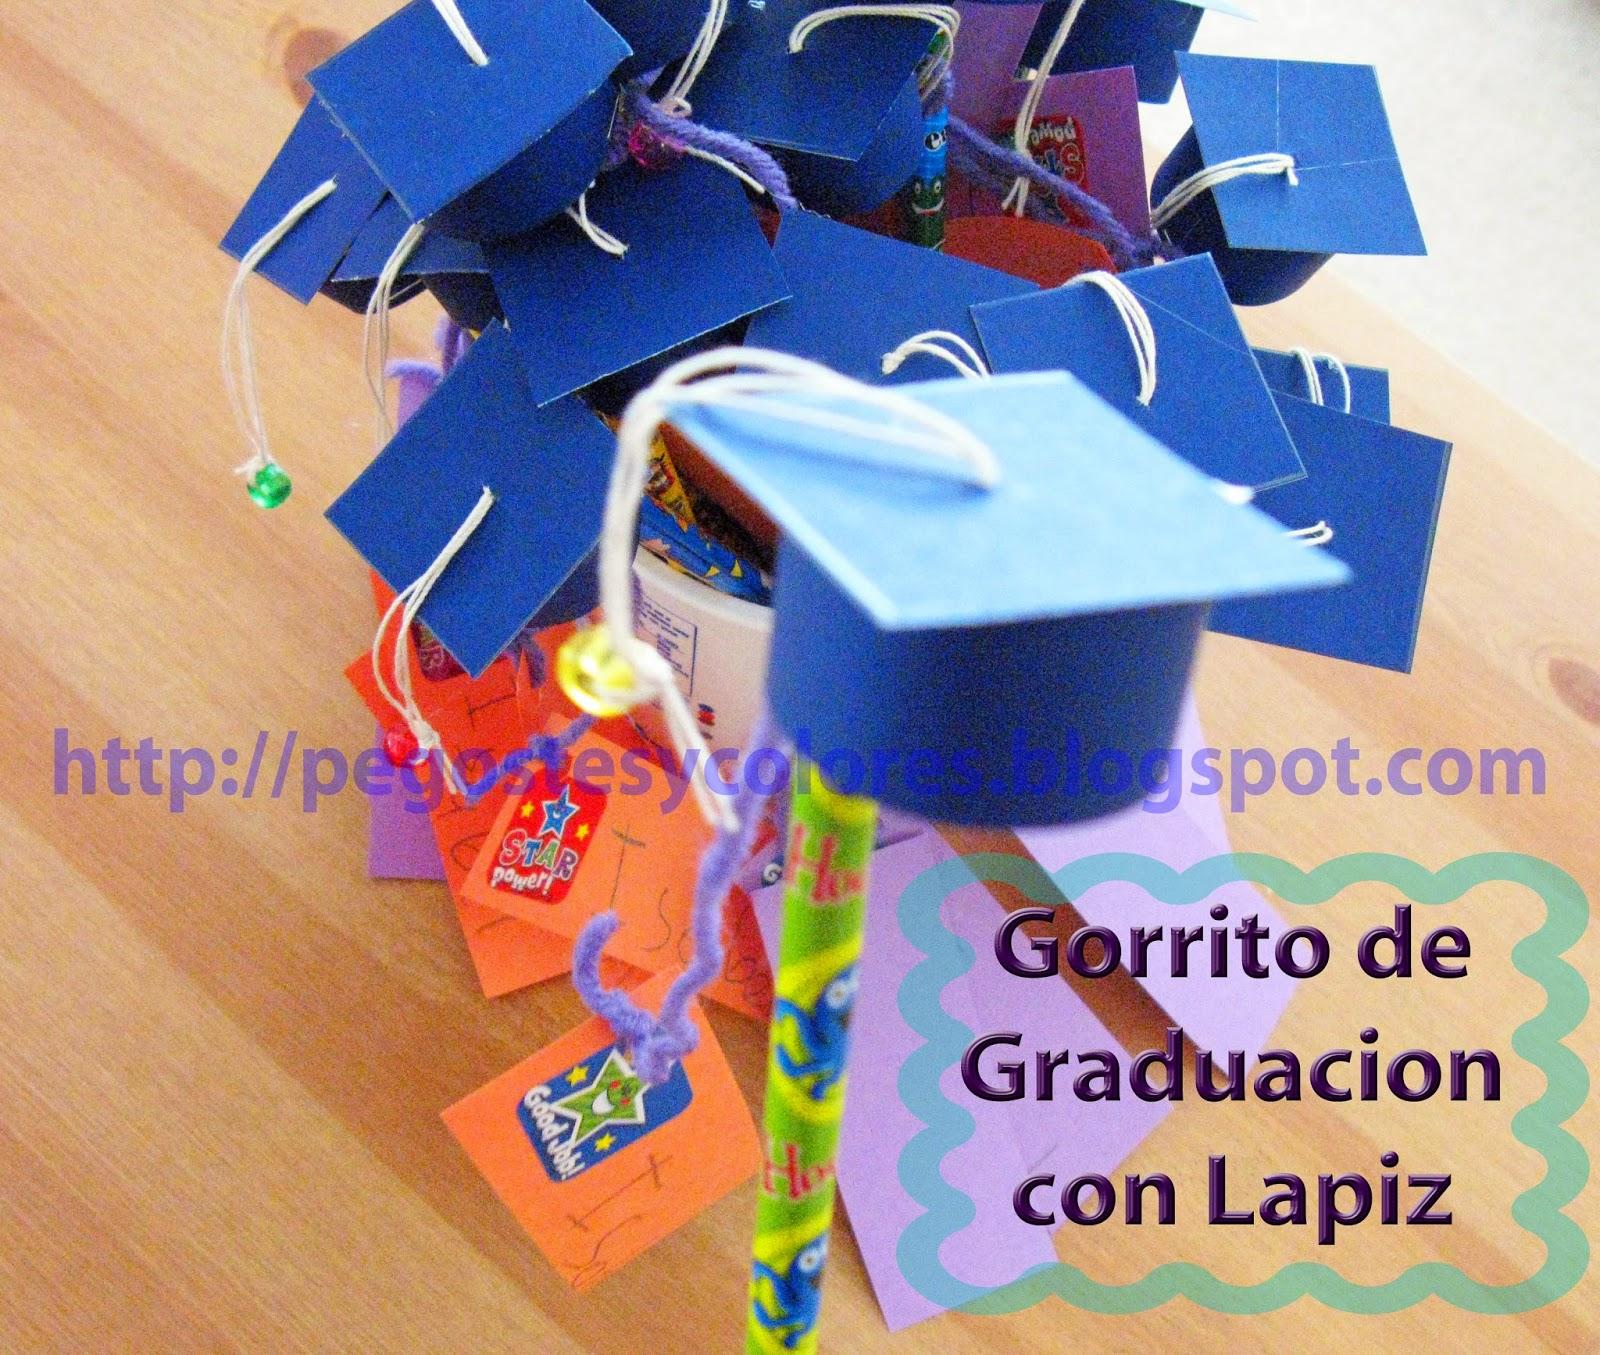 Pegostes y Colores: Mini Birrete de Graduacion con Lapiz